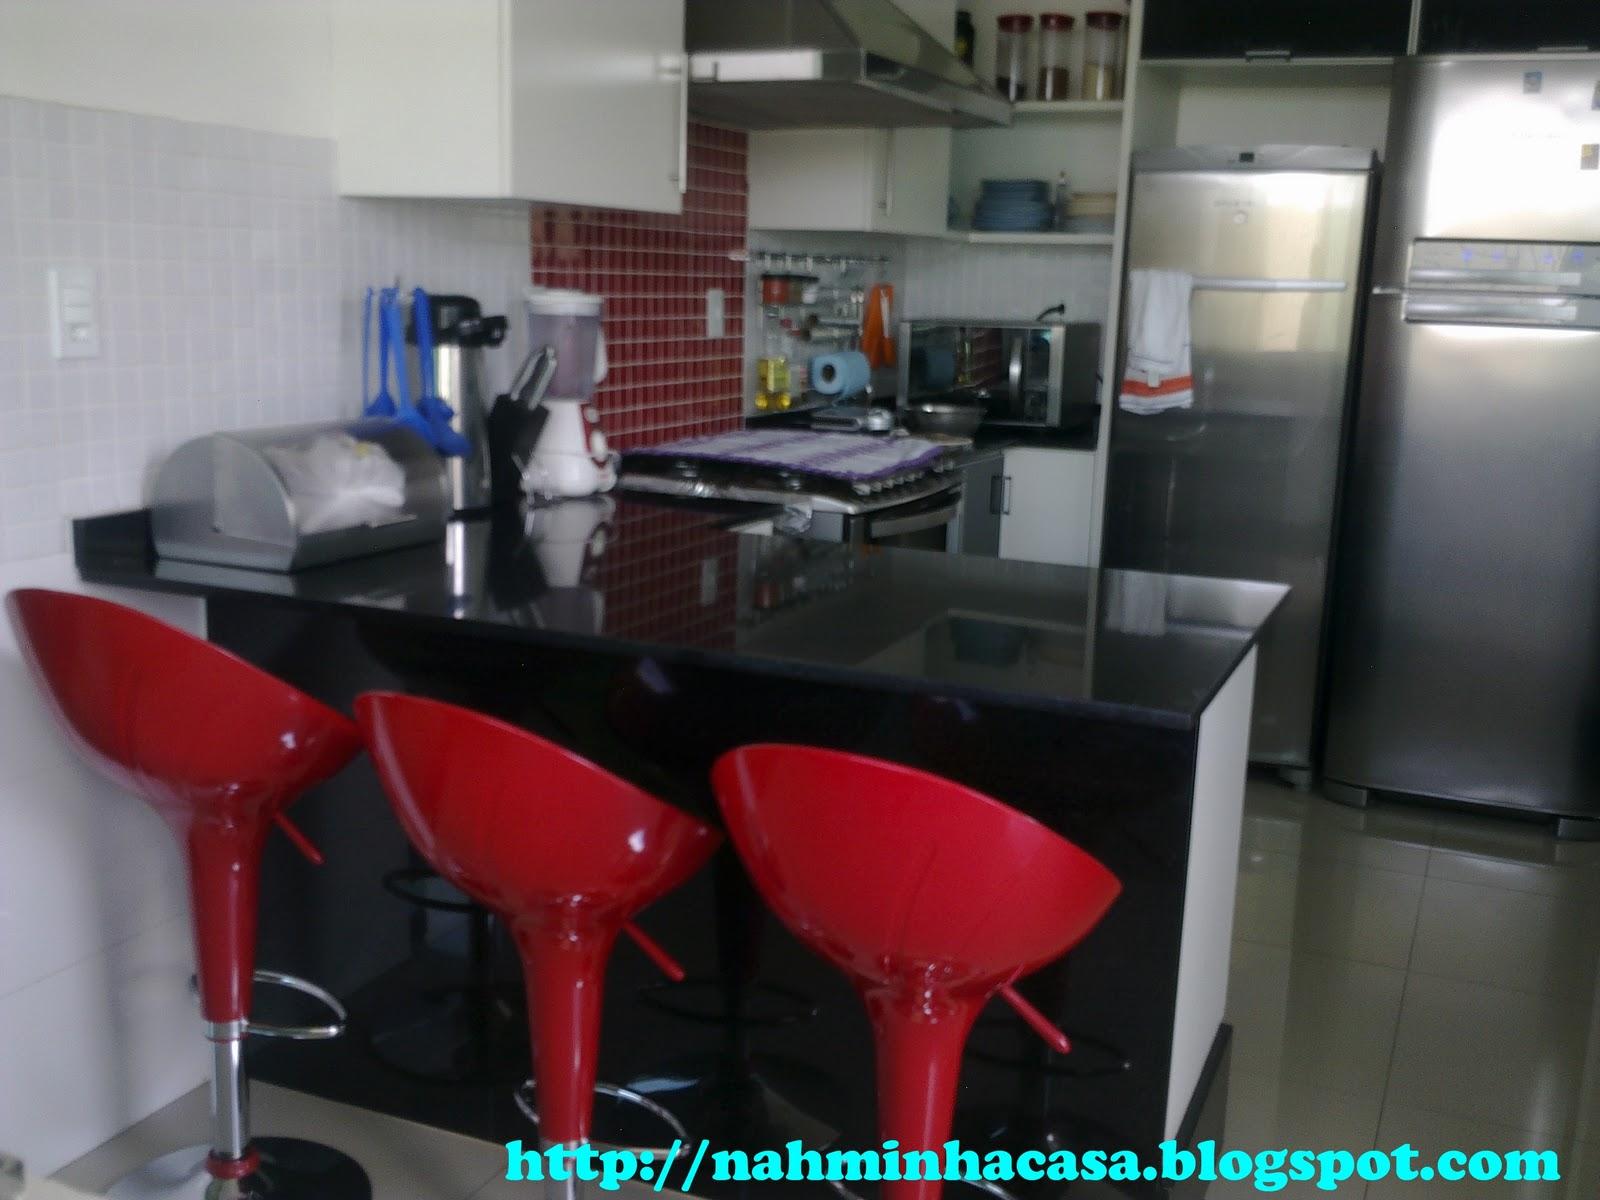 #09C2C2 Nah Minha Casa: MINHAS BANQUETAS VERMELHAS DA COZINHA 1600x1200 px Banquetas Para Cozinha Americana Vermelha_2869 Imagens